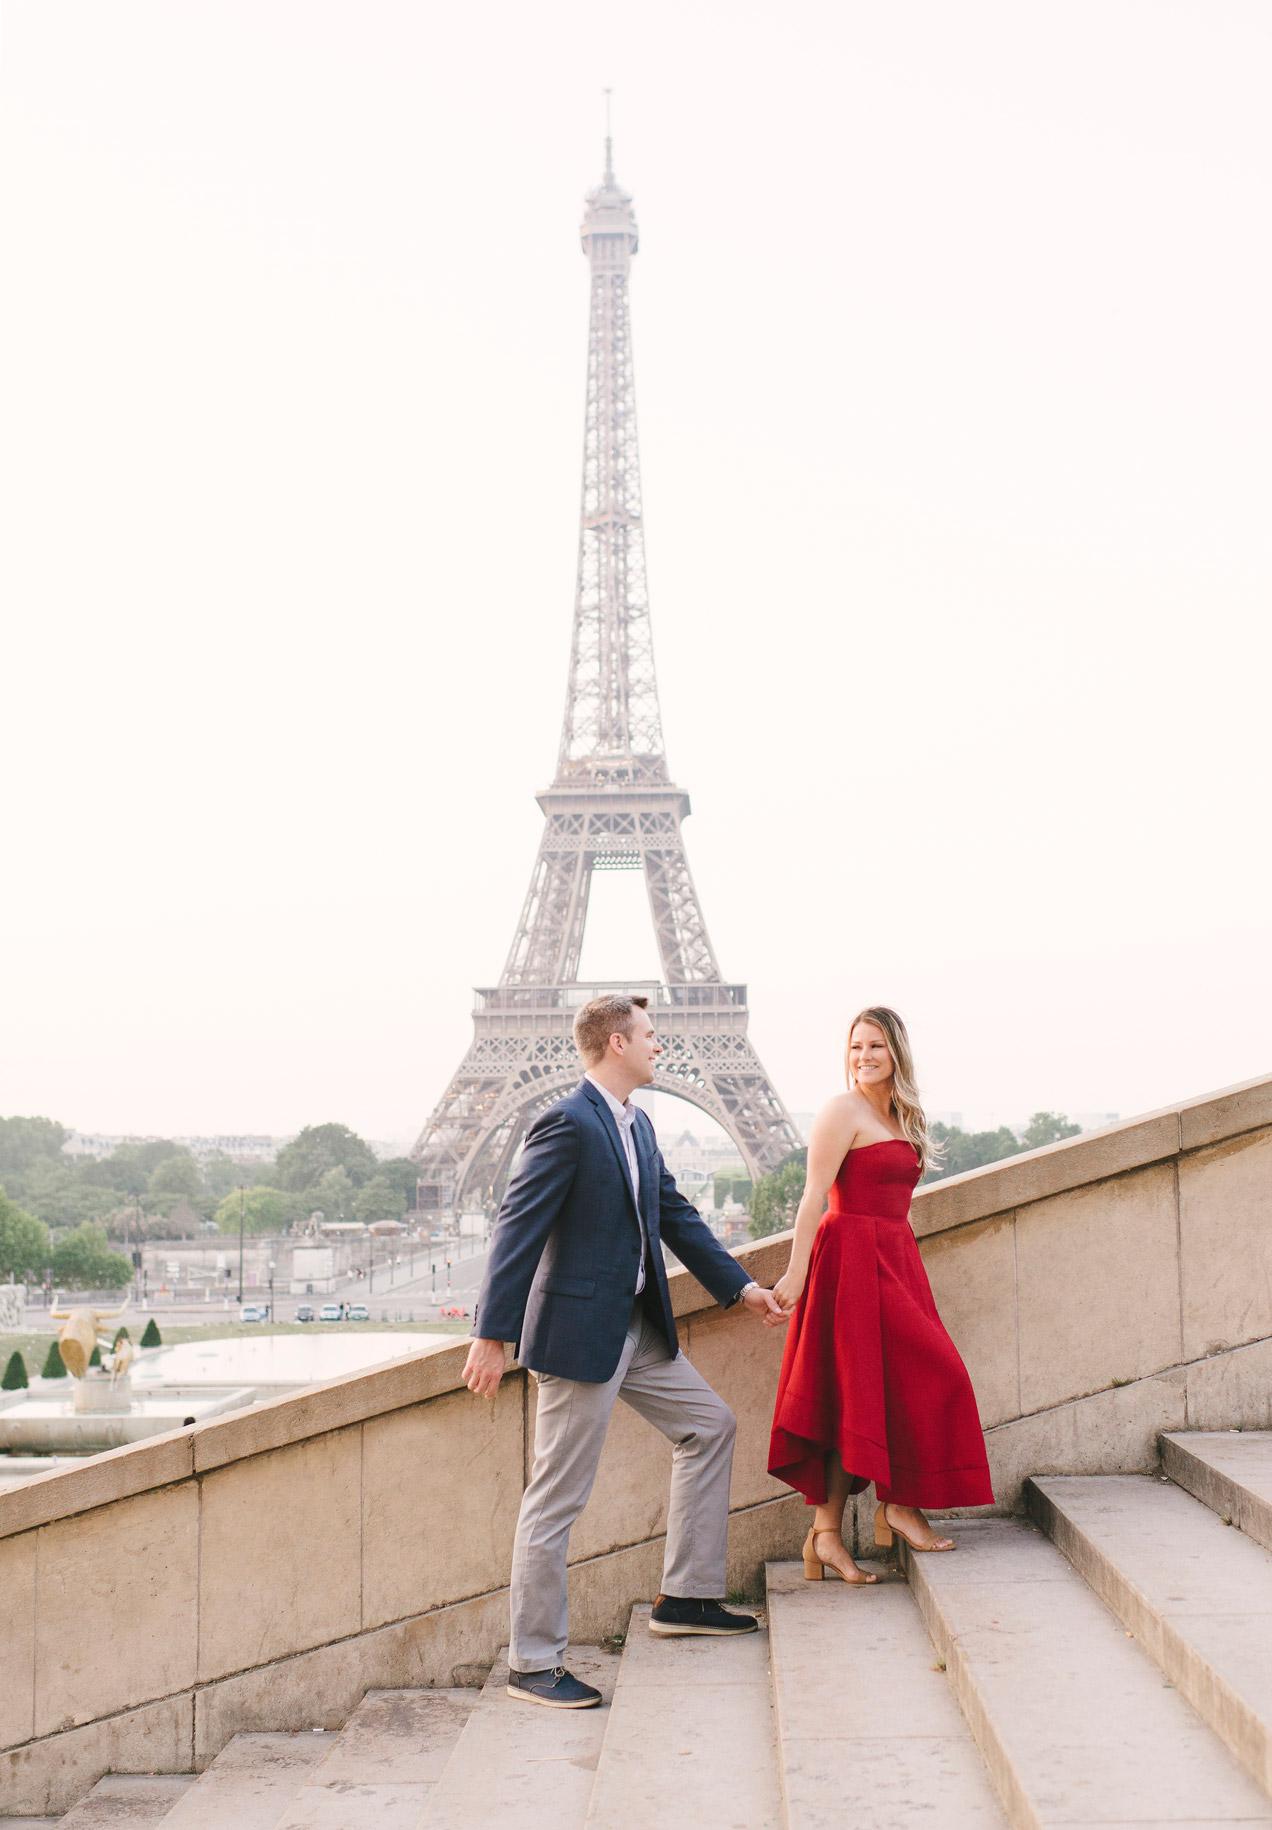 Couple-portrait-session-Paris-EiffelTower-Seine-Cafe009.jpg